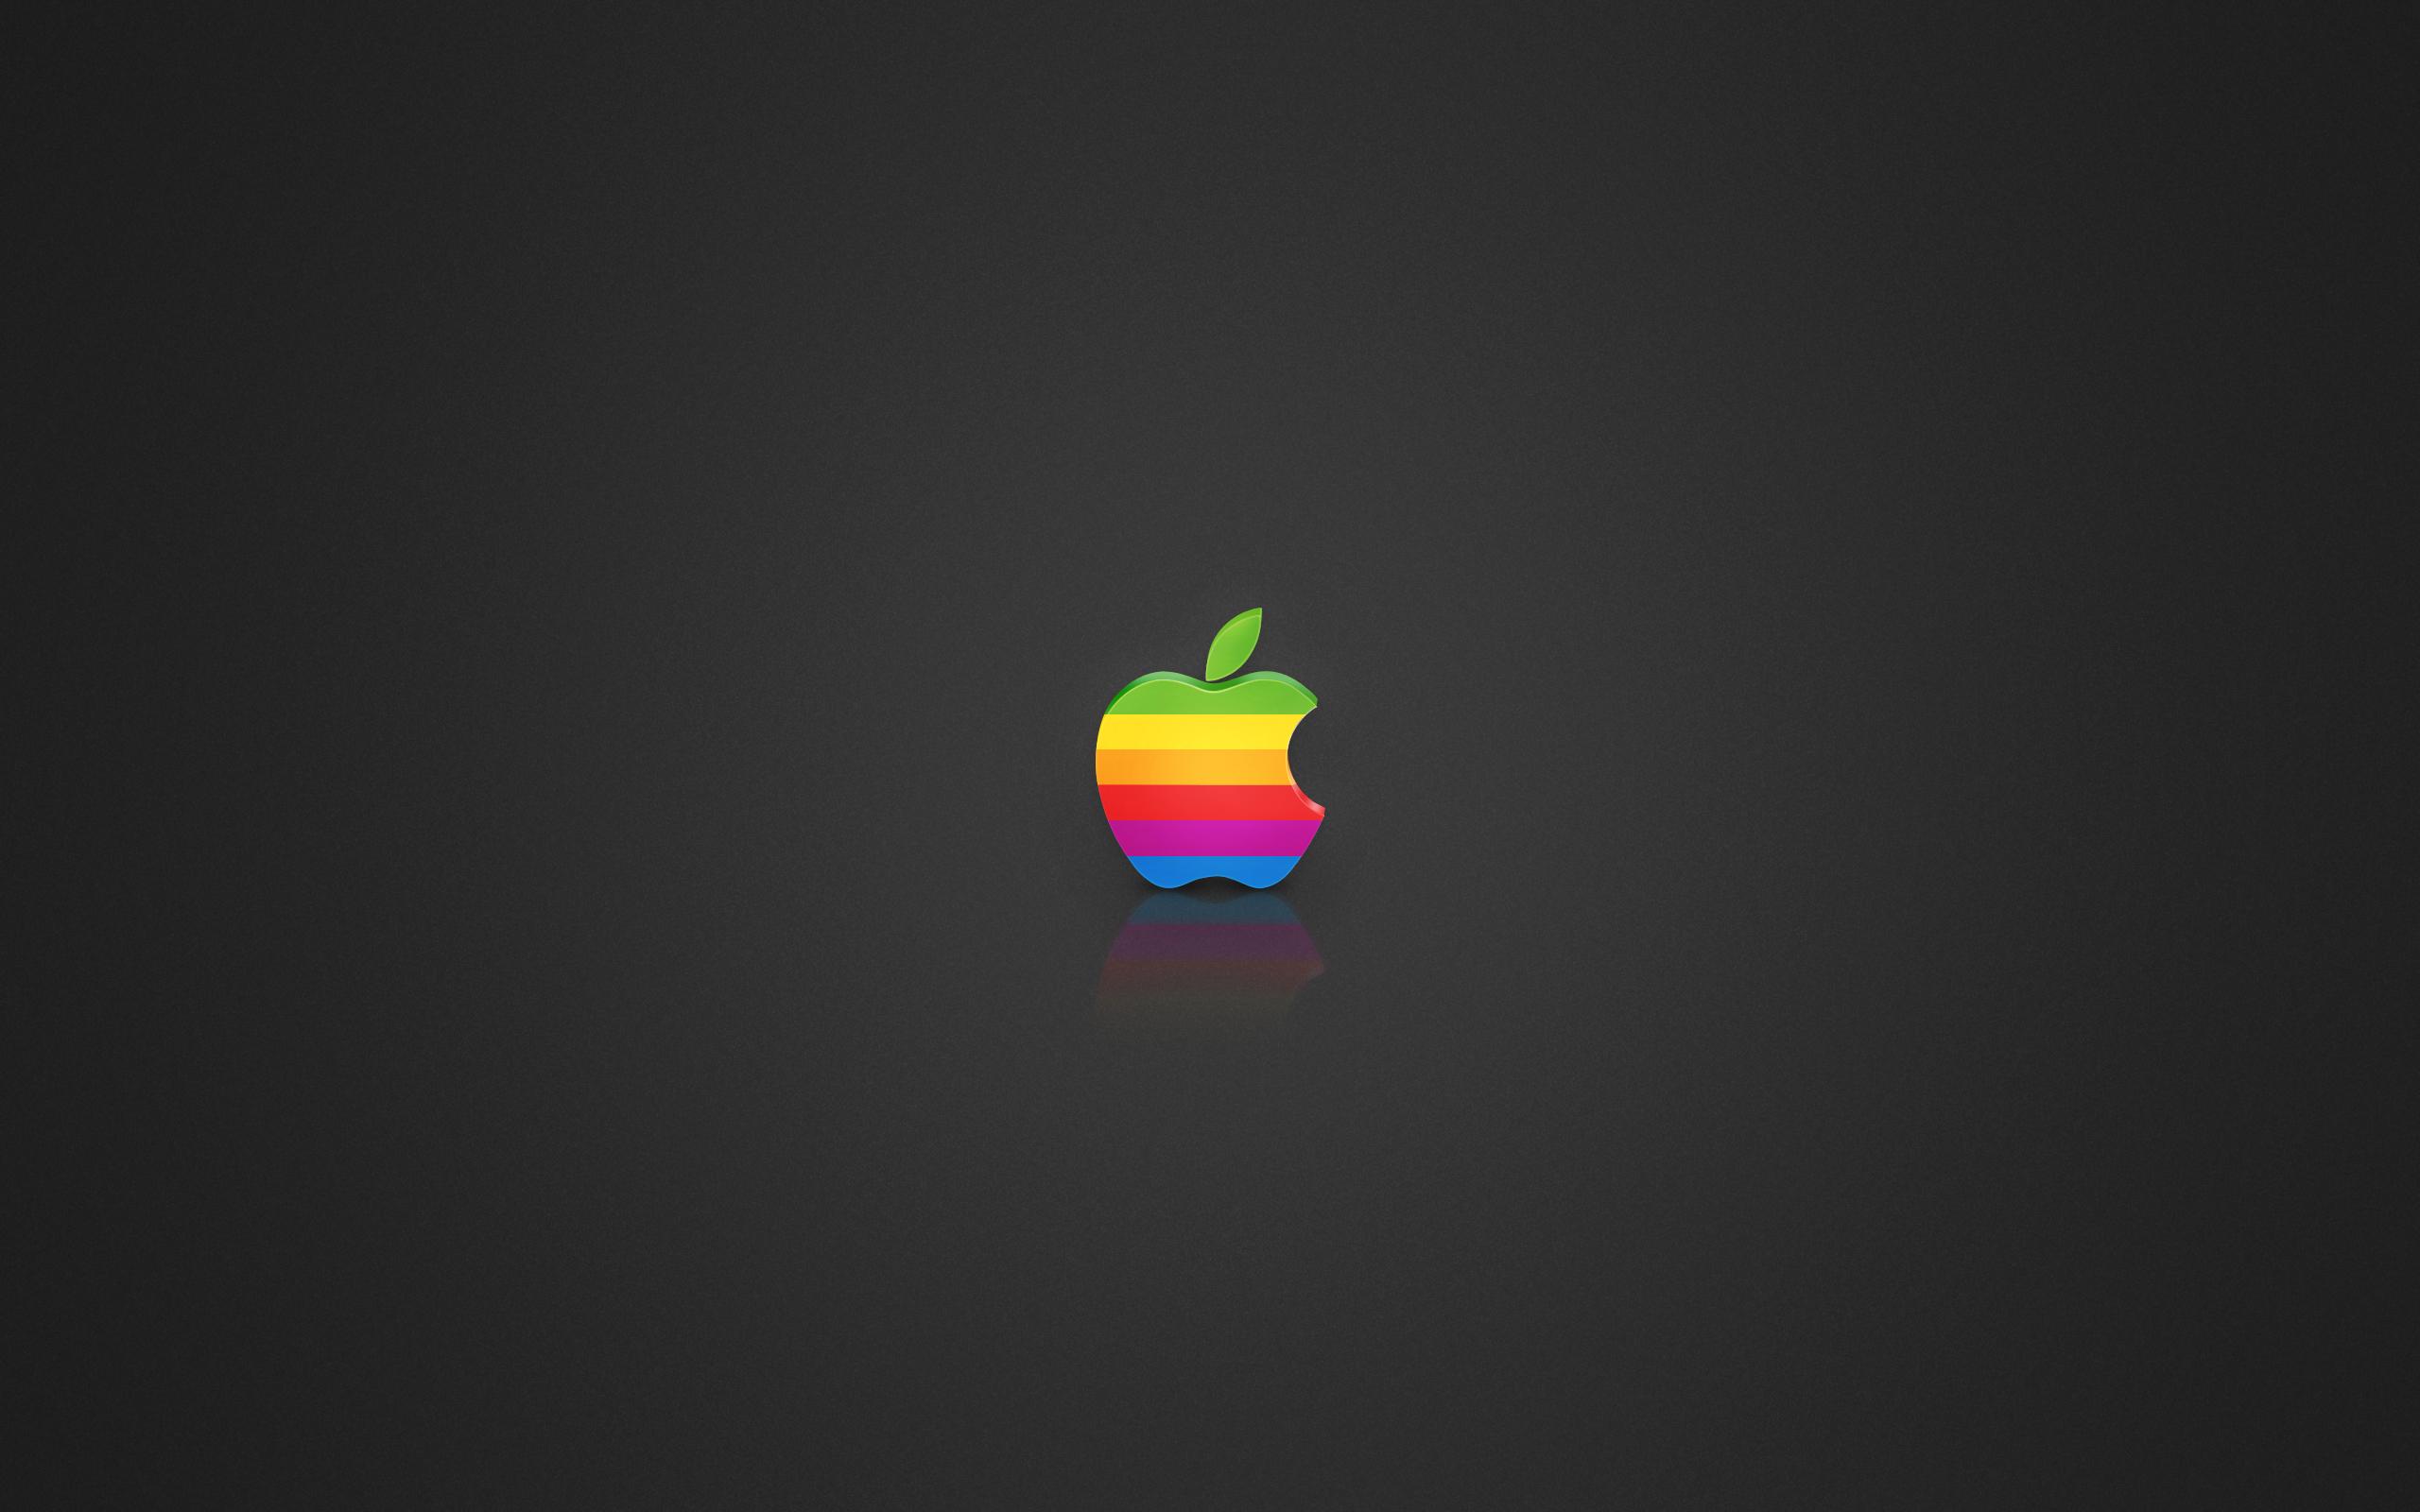 Coloured Apple logo wallpapers Coloured Apple logo stock photos 2560x1600